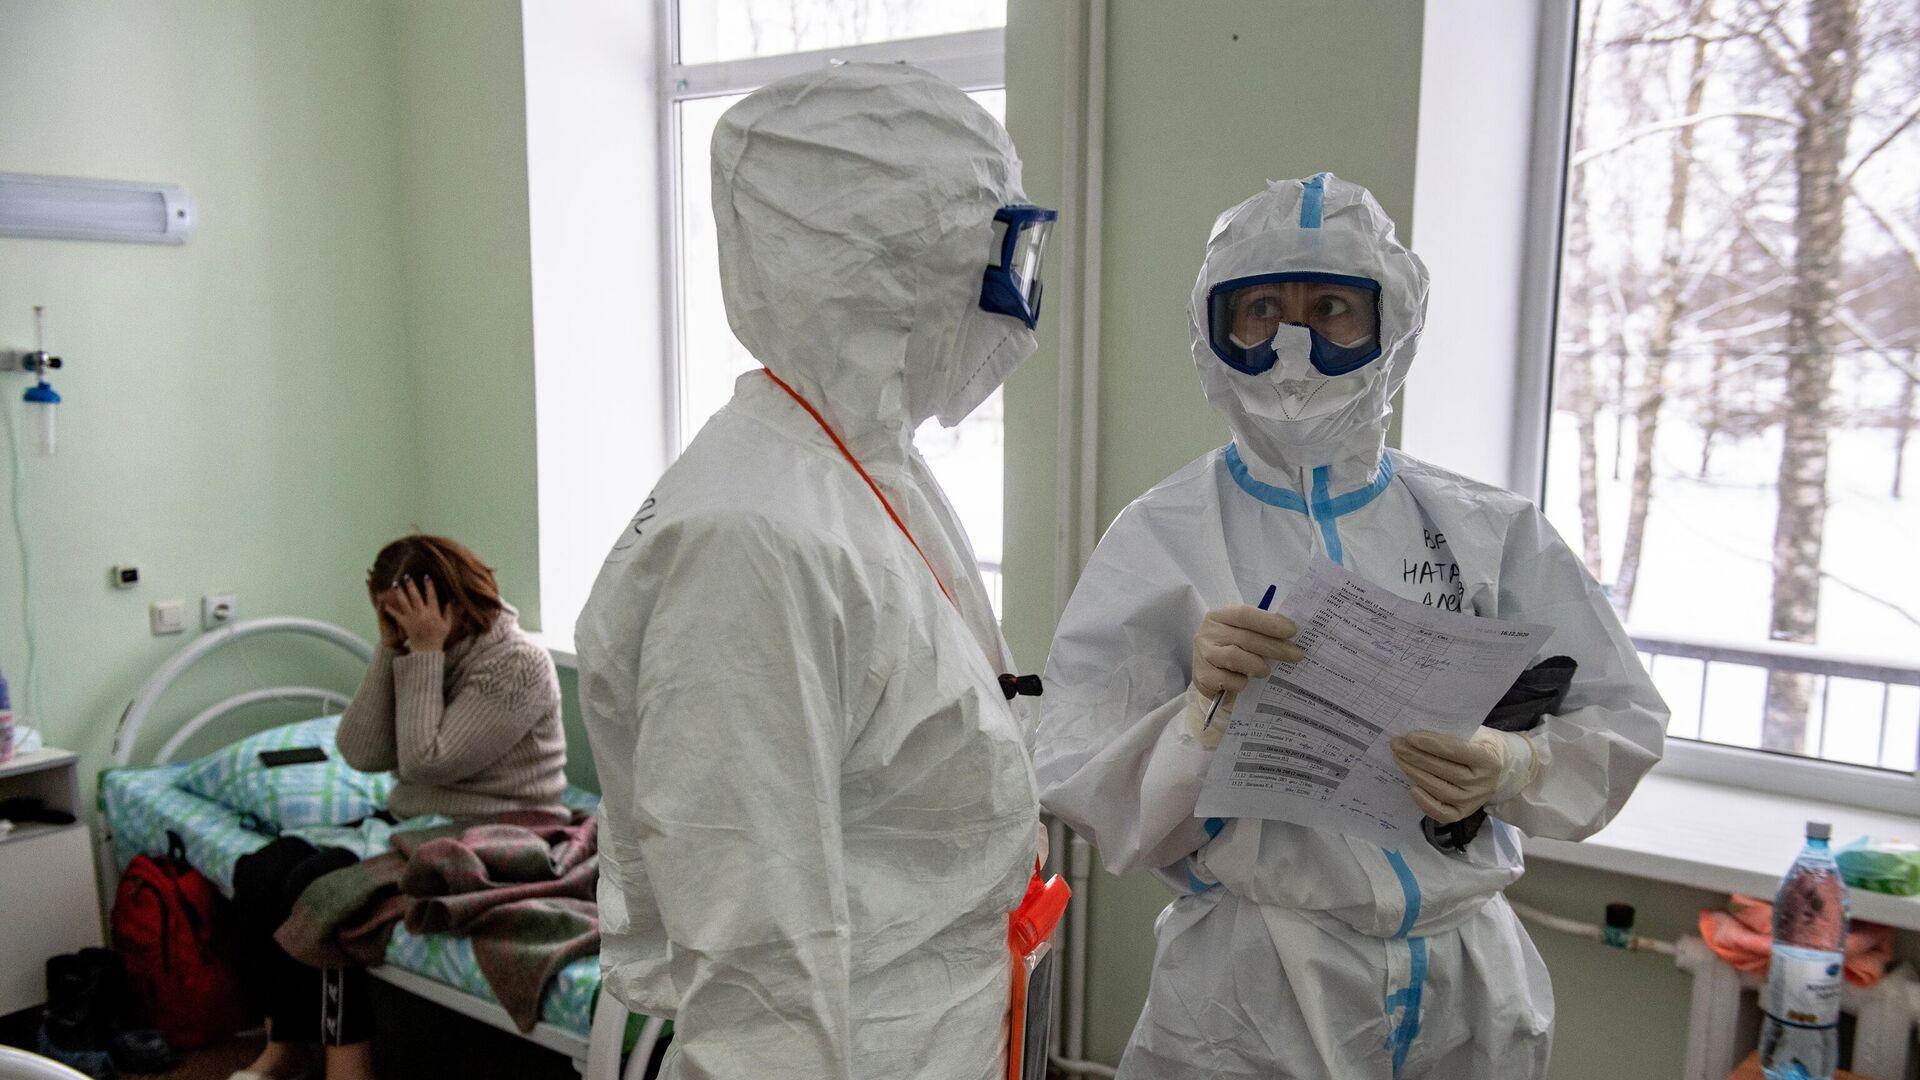 Медицинские работники во время обхода в госпитале для лечения больных COVID-19 в Тверской областной больнице - РИА Новости, 1920, 30.12.2020